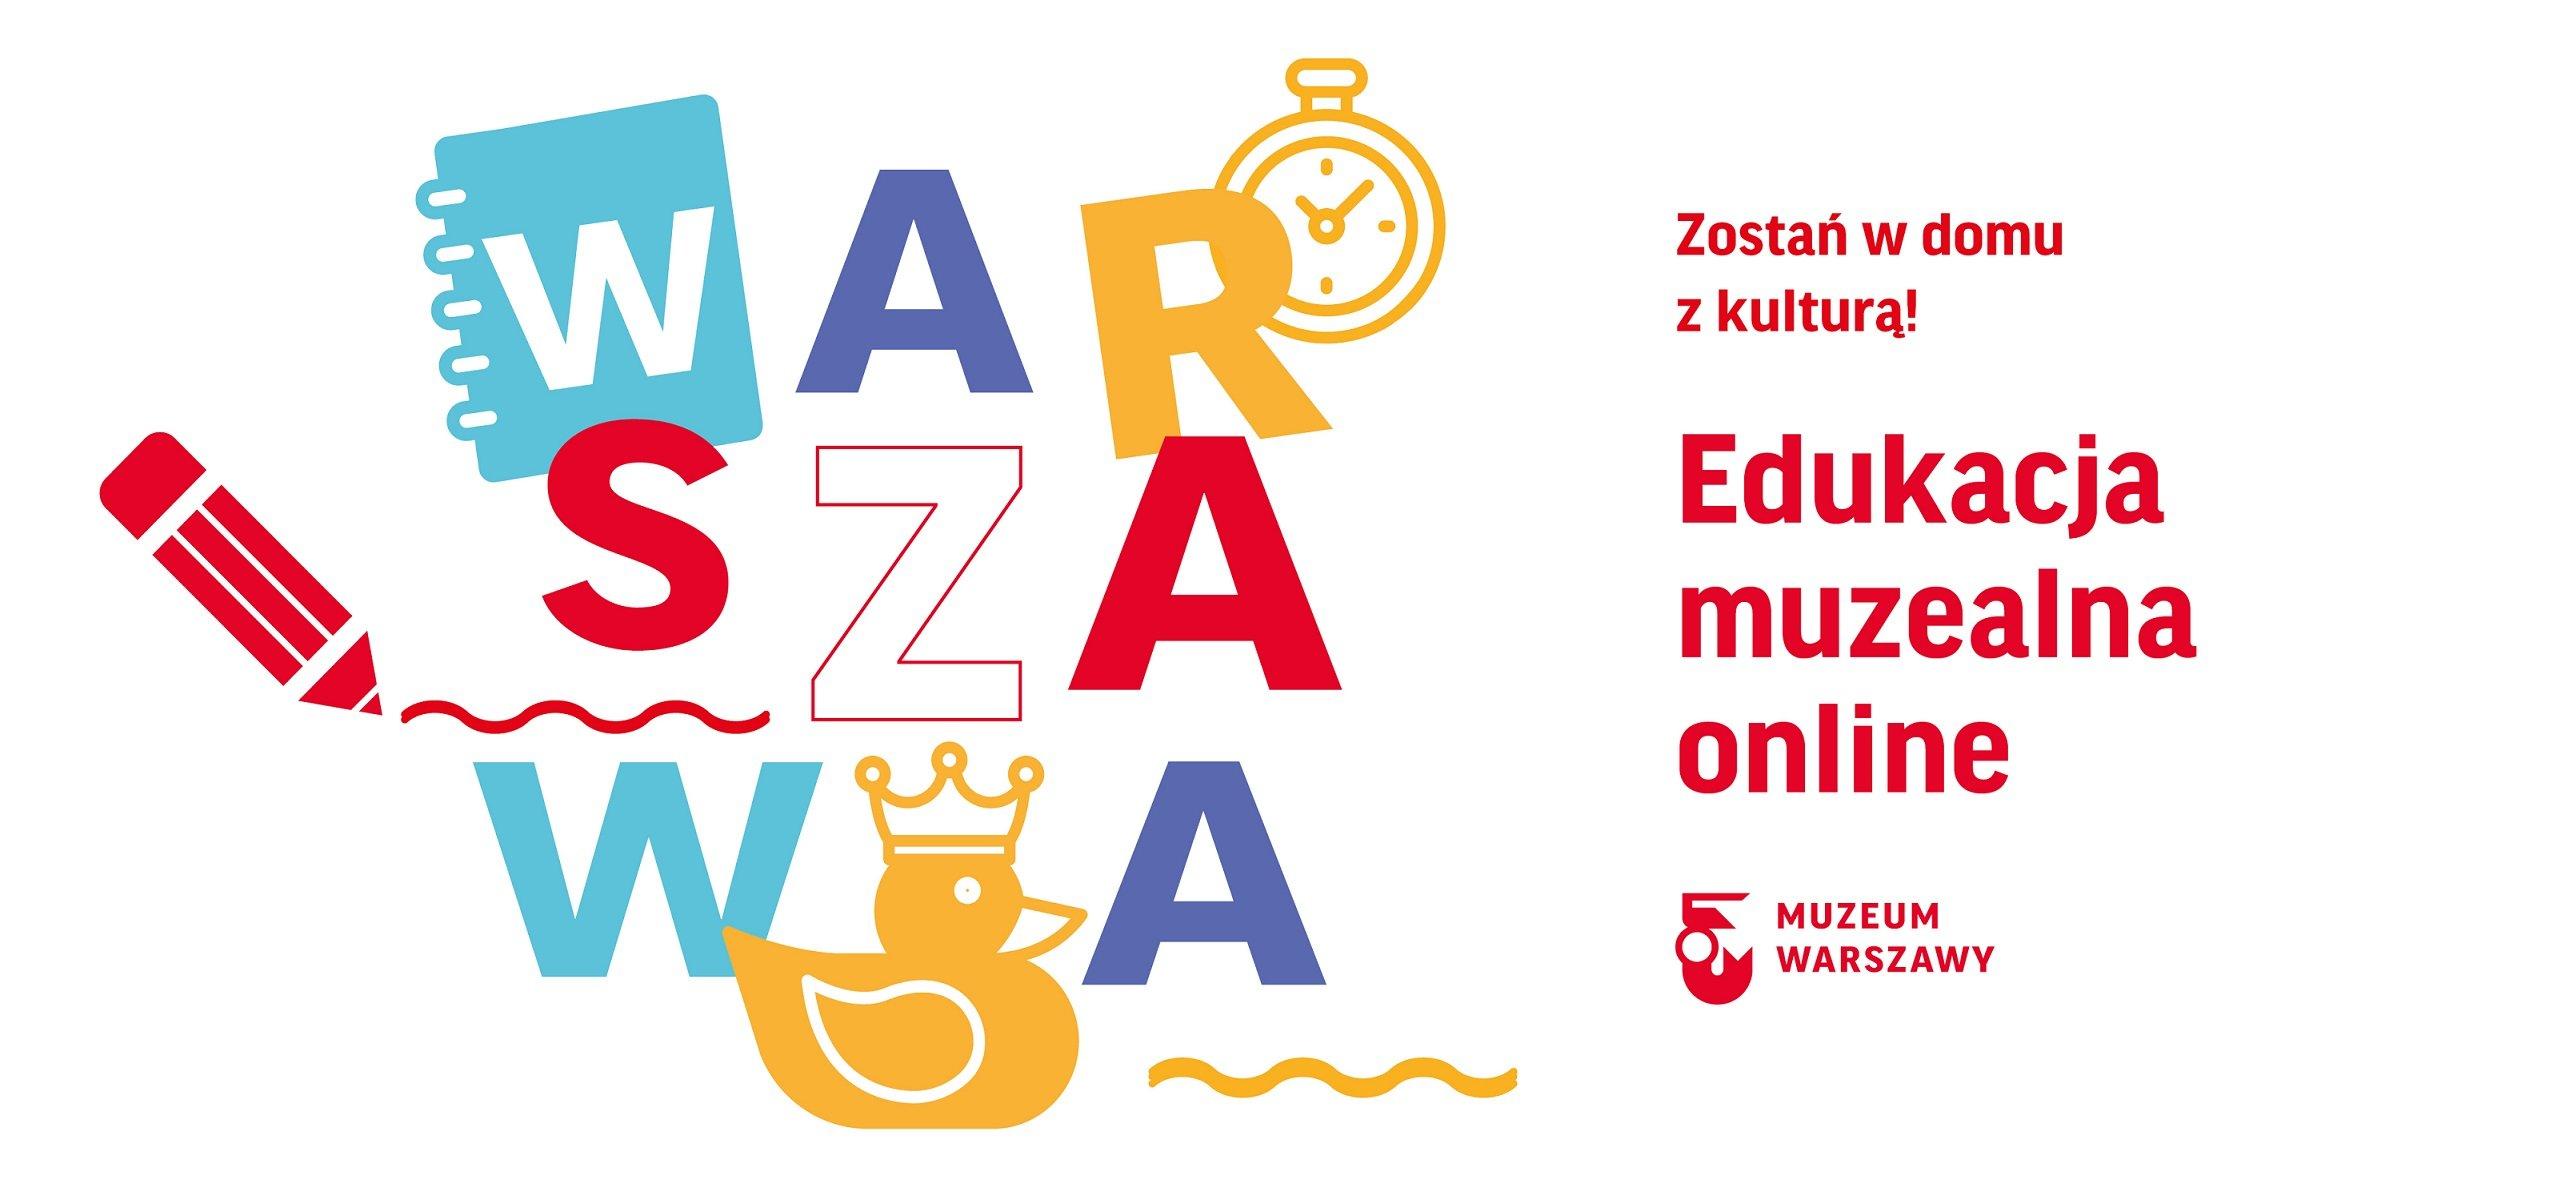 Edukacja on-line z Muzeum Warszawy